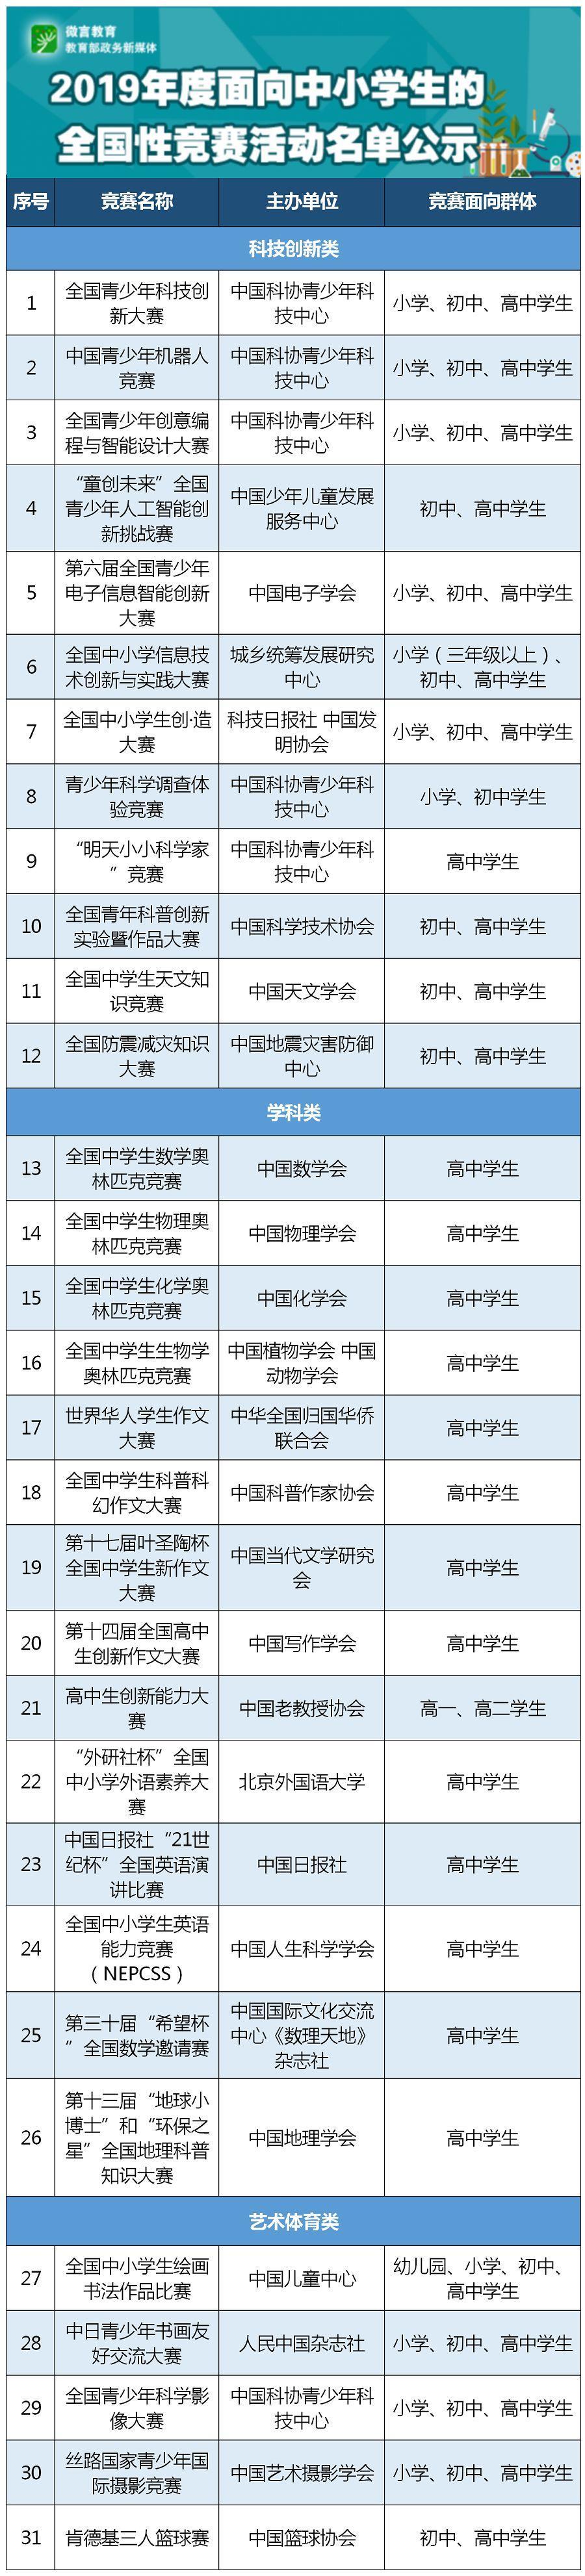 共31项!教育部公示2019年度面向中小学生的全国性竞赛活动名单